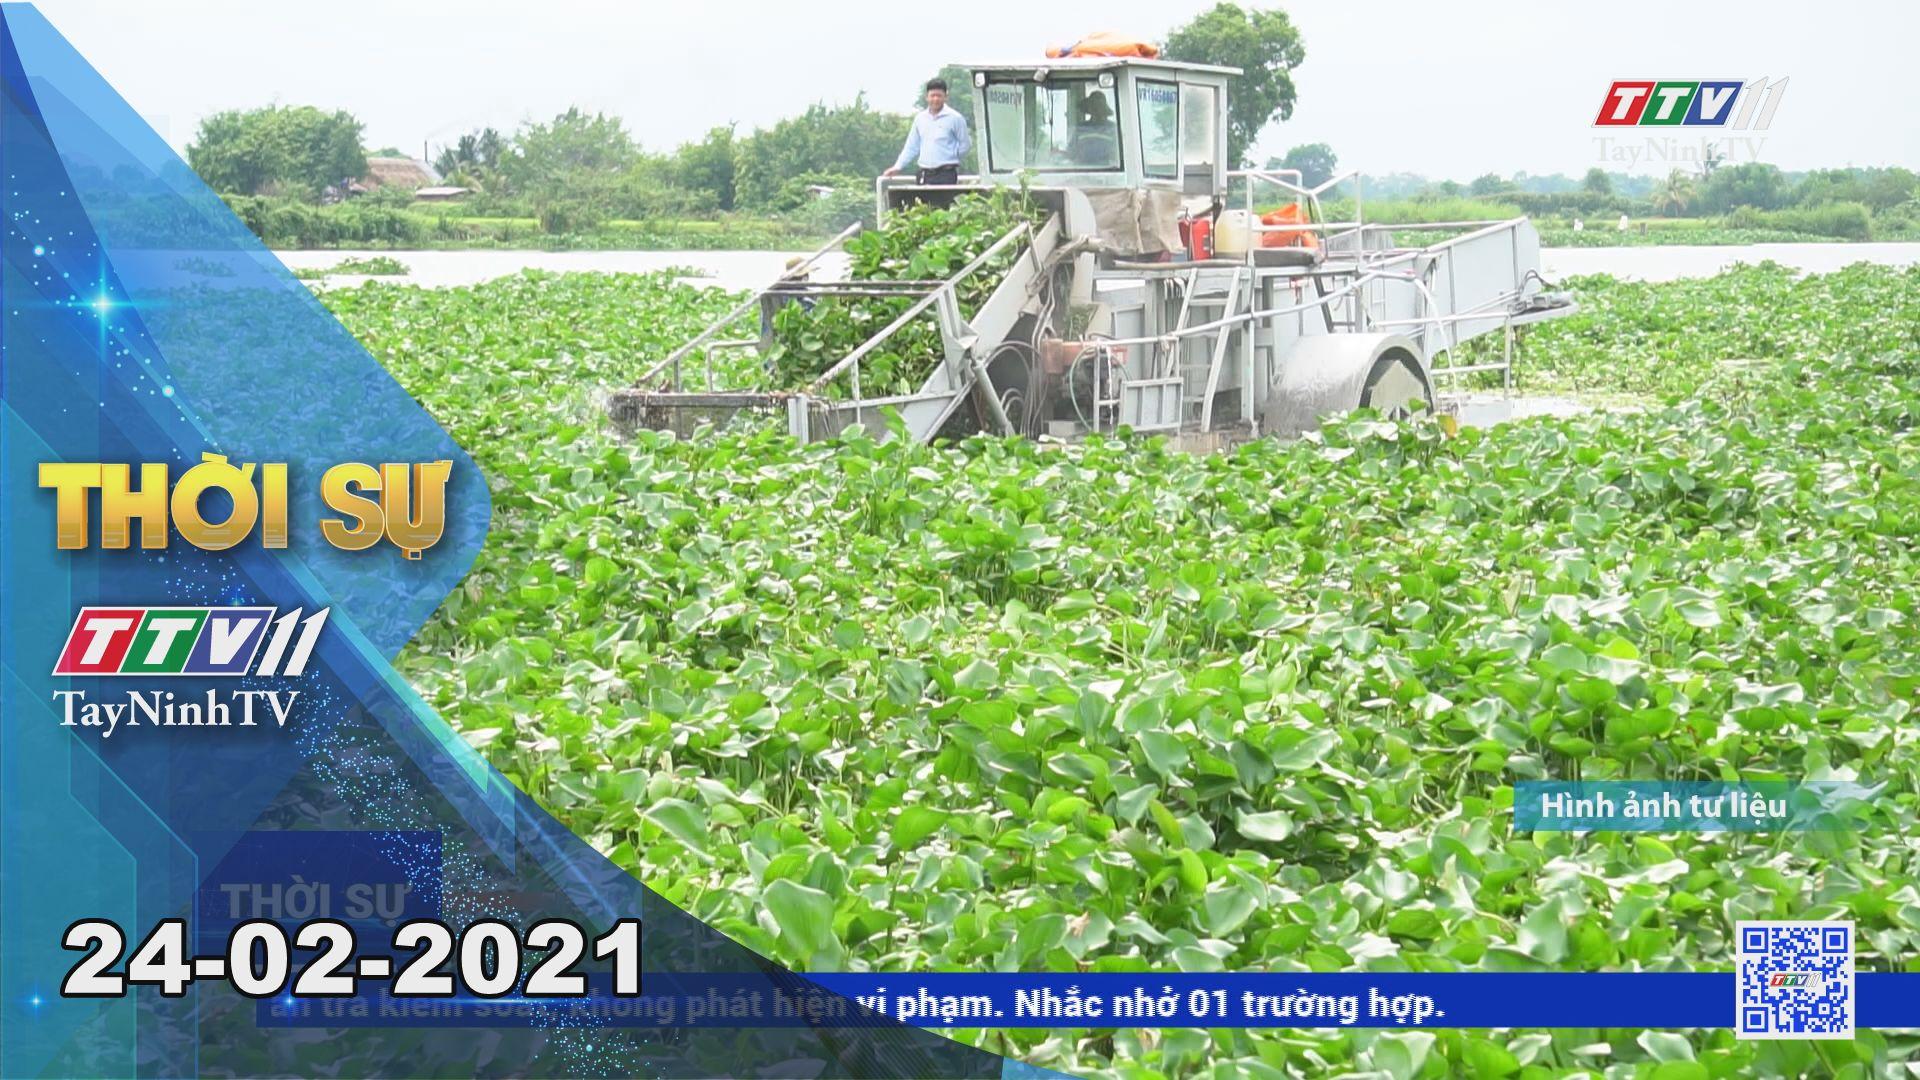 Thời sự Tây Ninh 24-02-2021 | Tin tức hôm nay | TayNinhTV